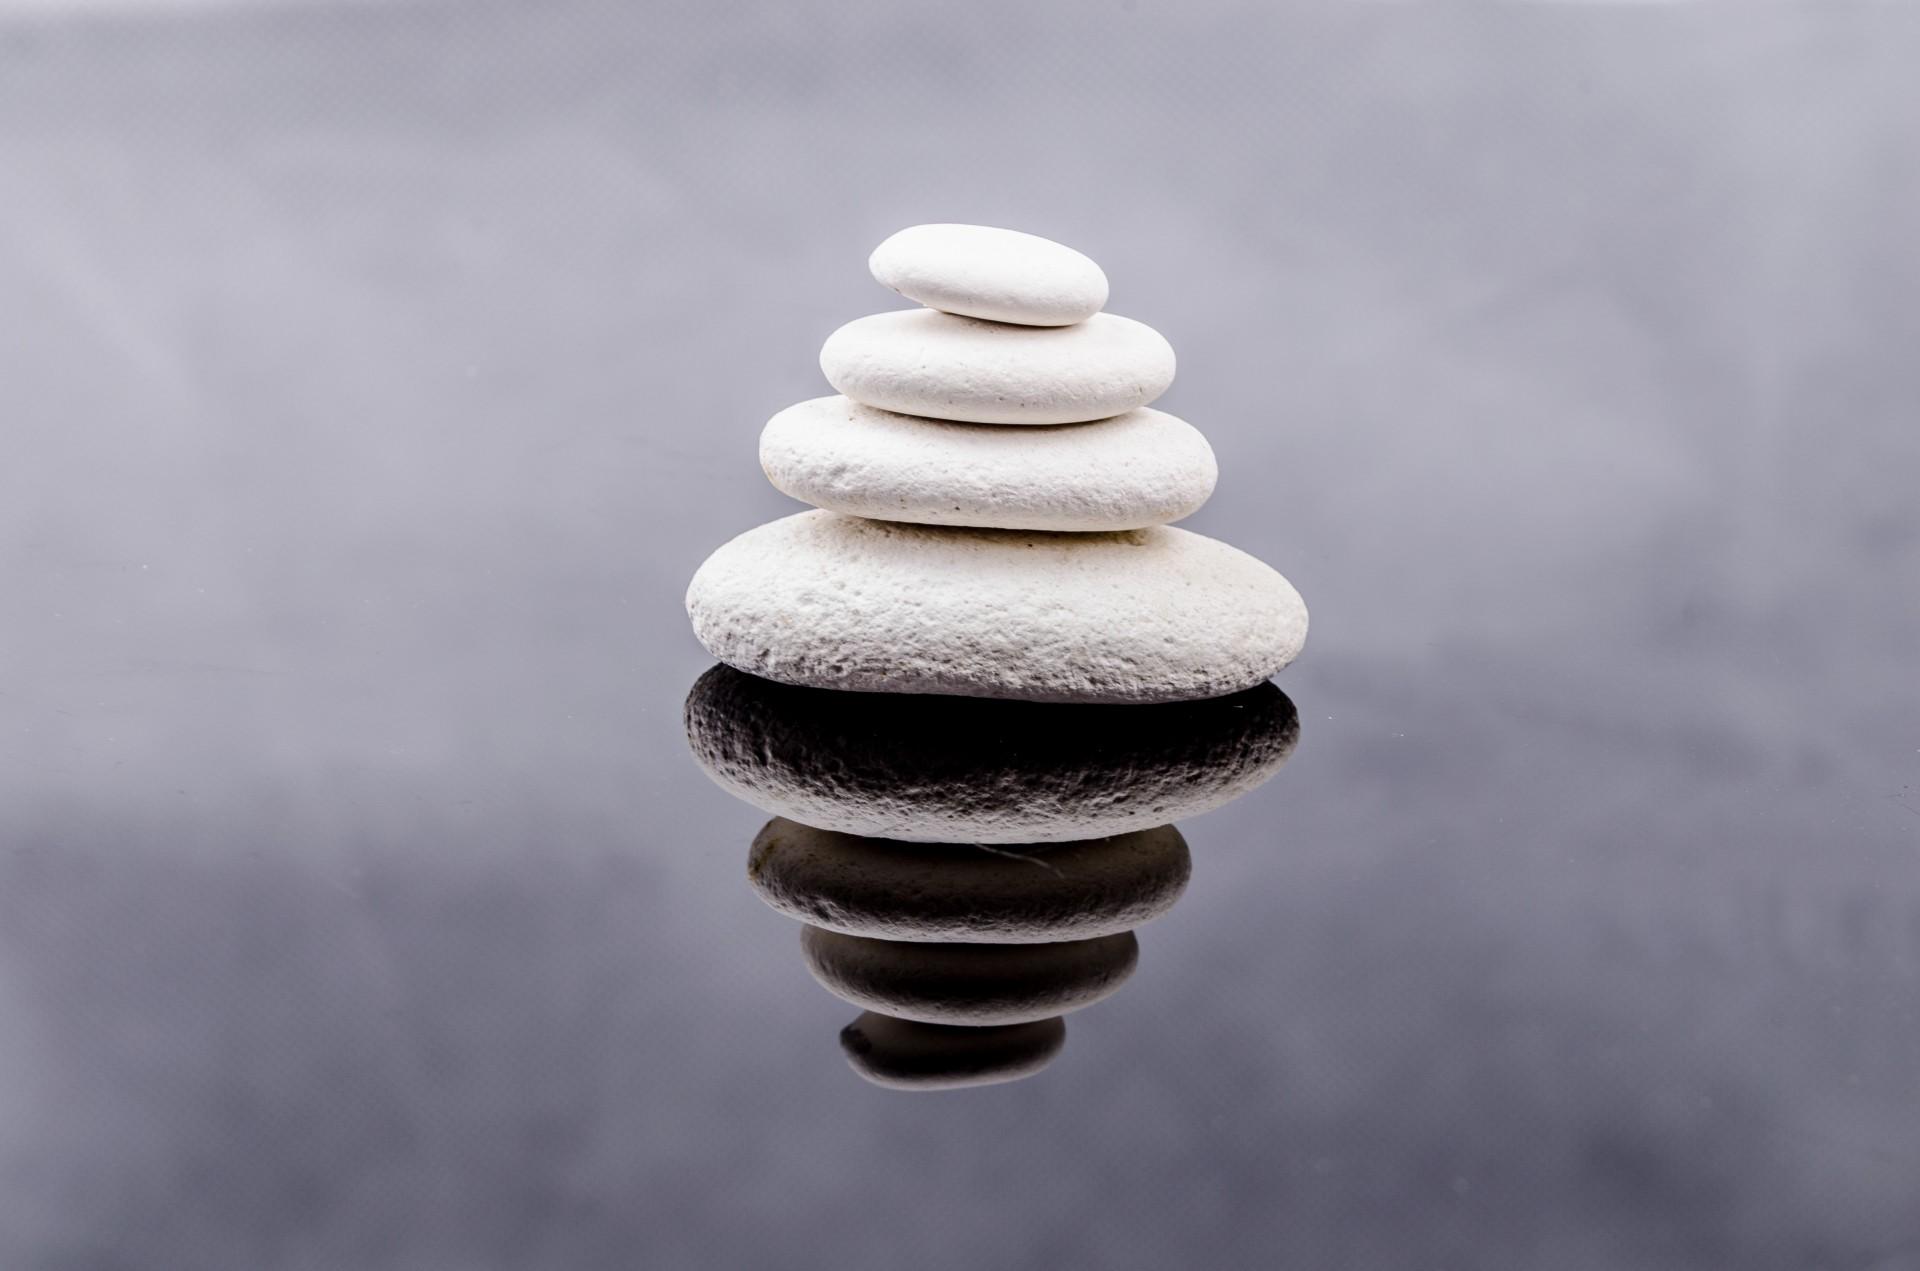 A moment of zen.